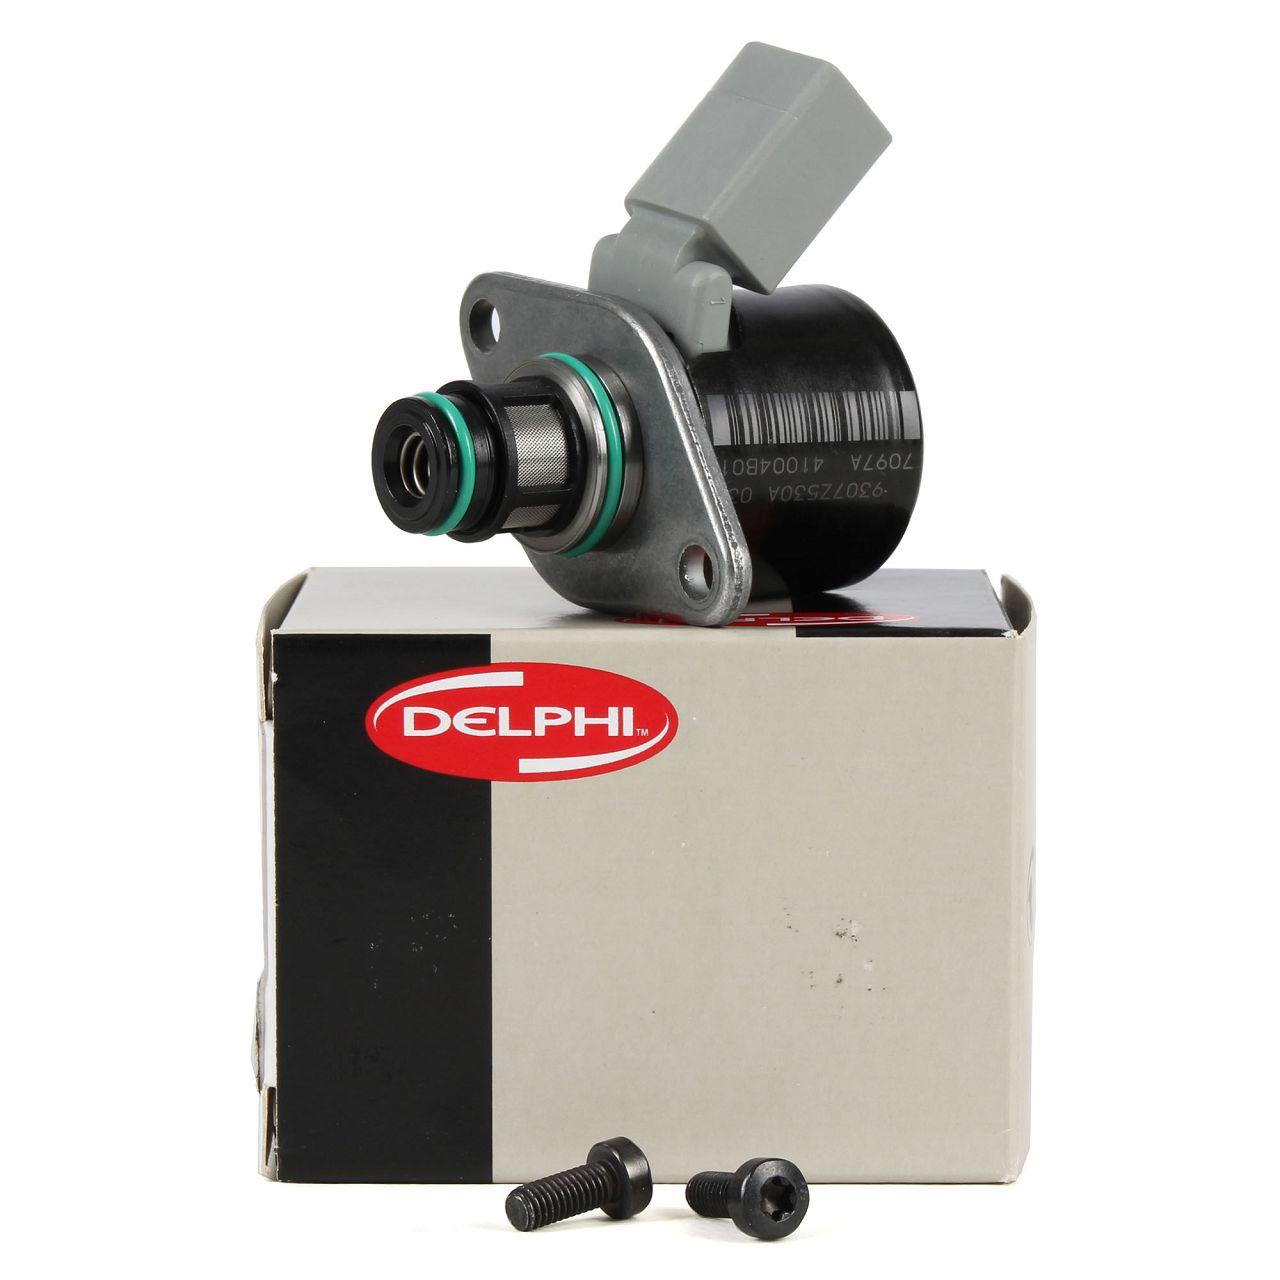 DELPHI Druckregelventil Ventil Kraftstoffpumpe für MERCEDES OM646 OM651 6460740484